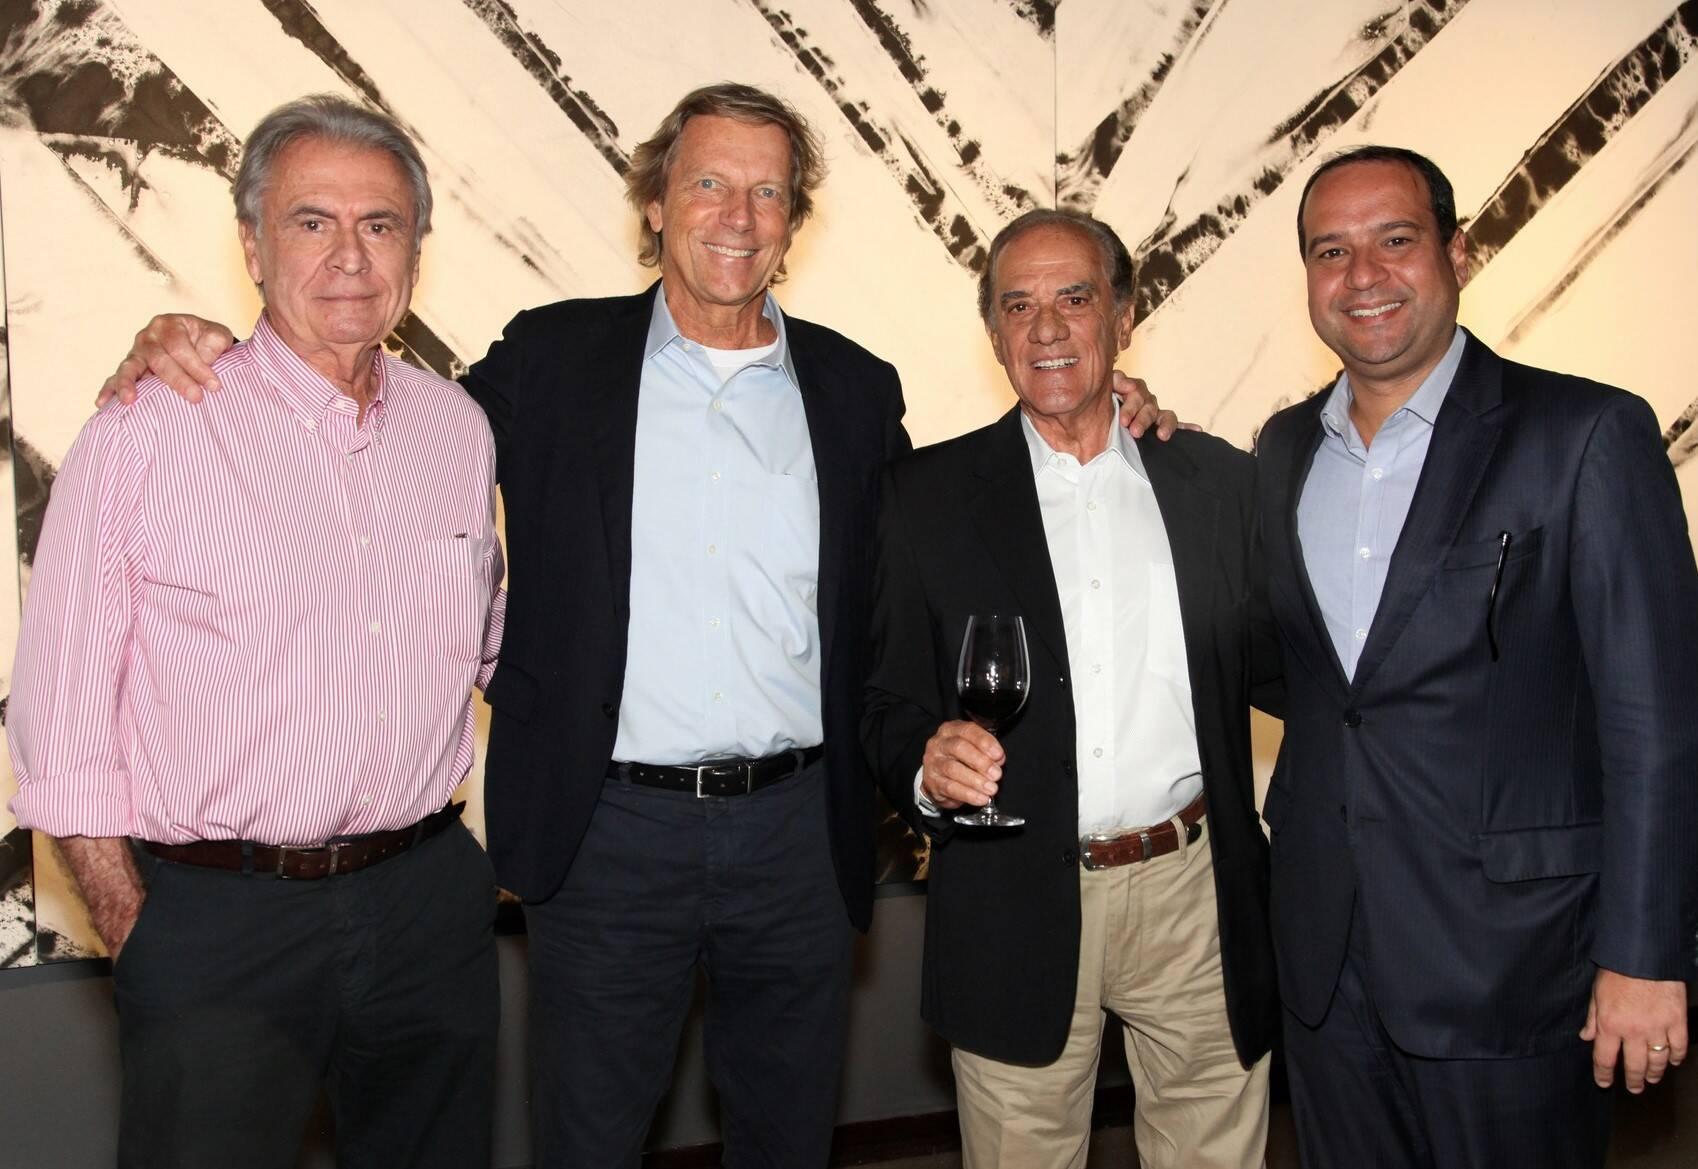 Alexandre Gadelha, Thomas Klein, Eduardo Baptista e Pedro Teixeira /Foto: Vera Donato